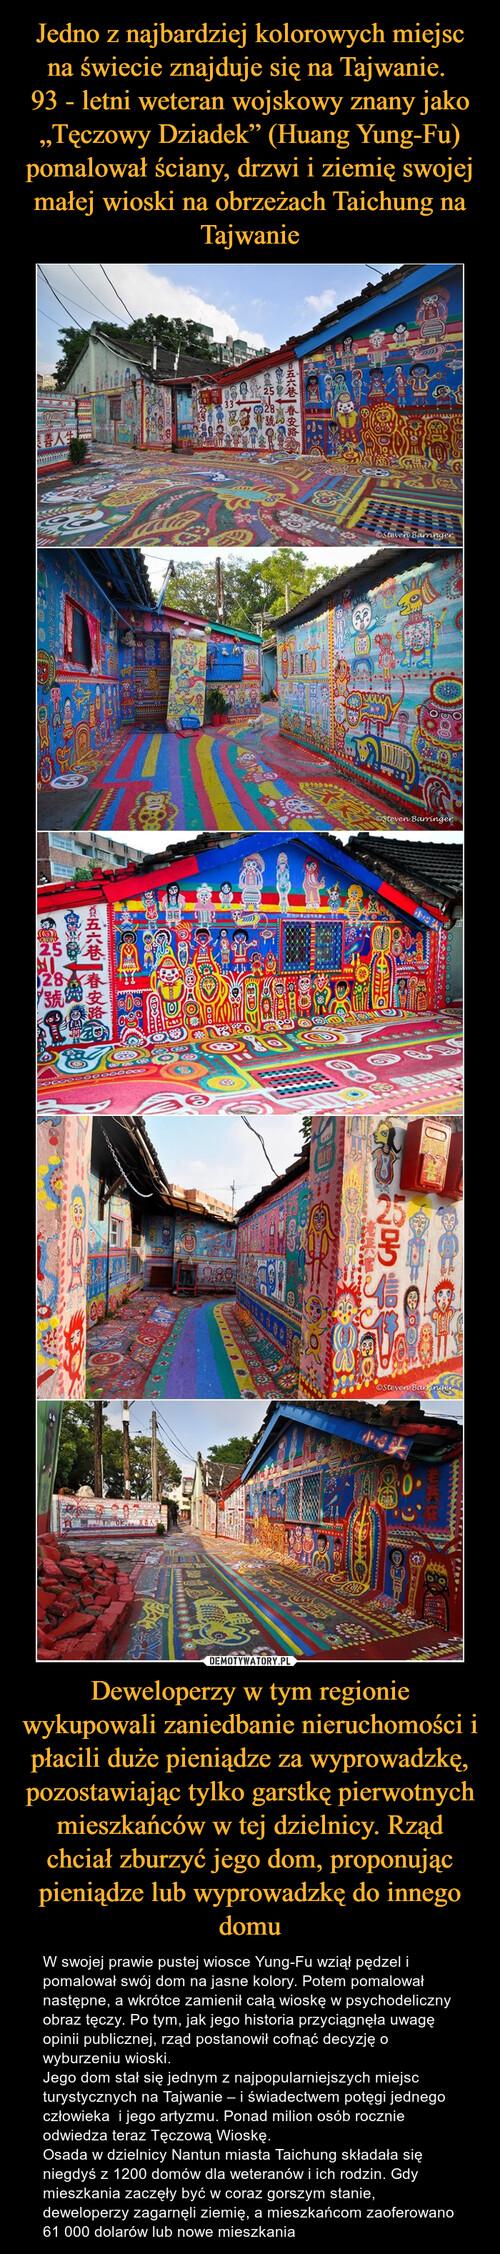 """Jedno z najbardziej kolorowych miejsc na świecie znajduje się na Tajwanie.  93 - letni weteran wojskowy znany jako """"Tęczowy Dziadek"""" (Huang Yung-Fu) pomalował ściany, drzwi i ziemię swojej małej wioski na obrzeżach Taichung na Tajwanie Deweloperzy w tym regionie wykupowali zaniedbanie nieruchomości i płacili duże pieniądze za wyprowadzkę, pozostawiając tylko garstkę pierwotnych mieszkańców w tej dzielnicy. Rząd chciał zburzyć jego dom, proponując pieniądze lub wyprowadzkę do innego domu"""